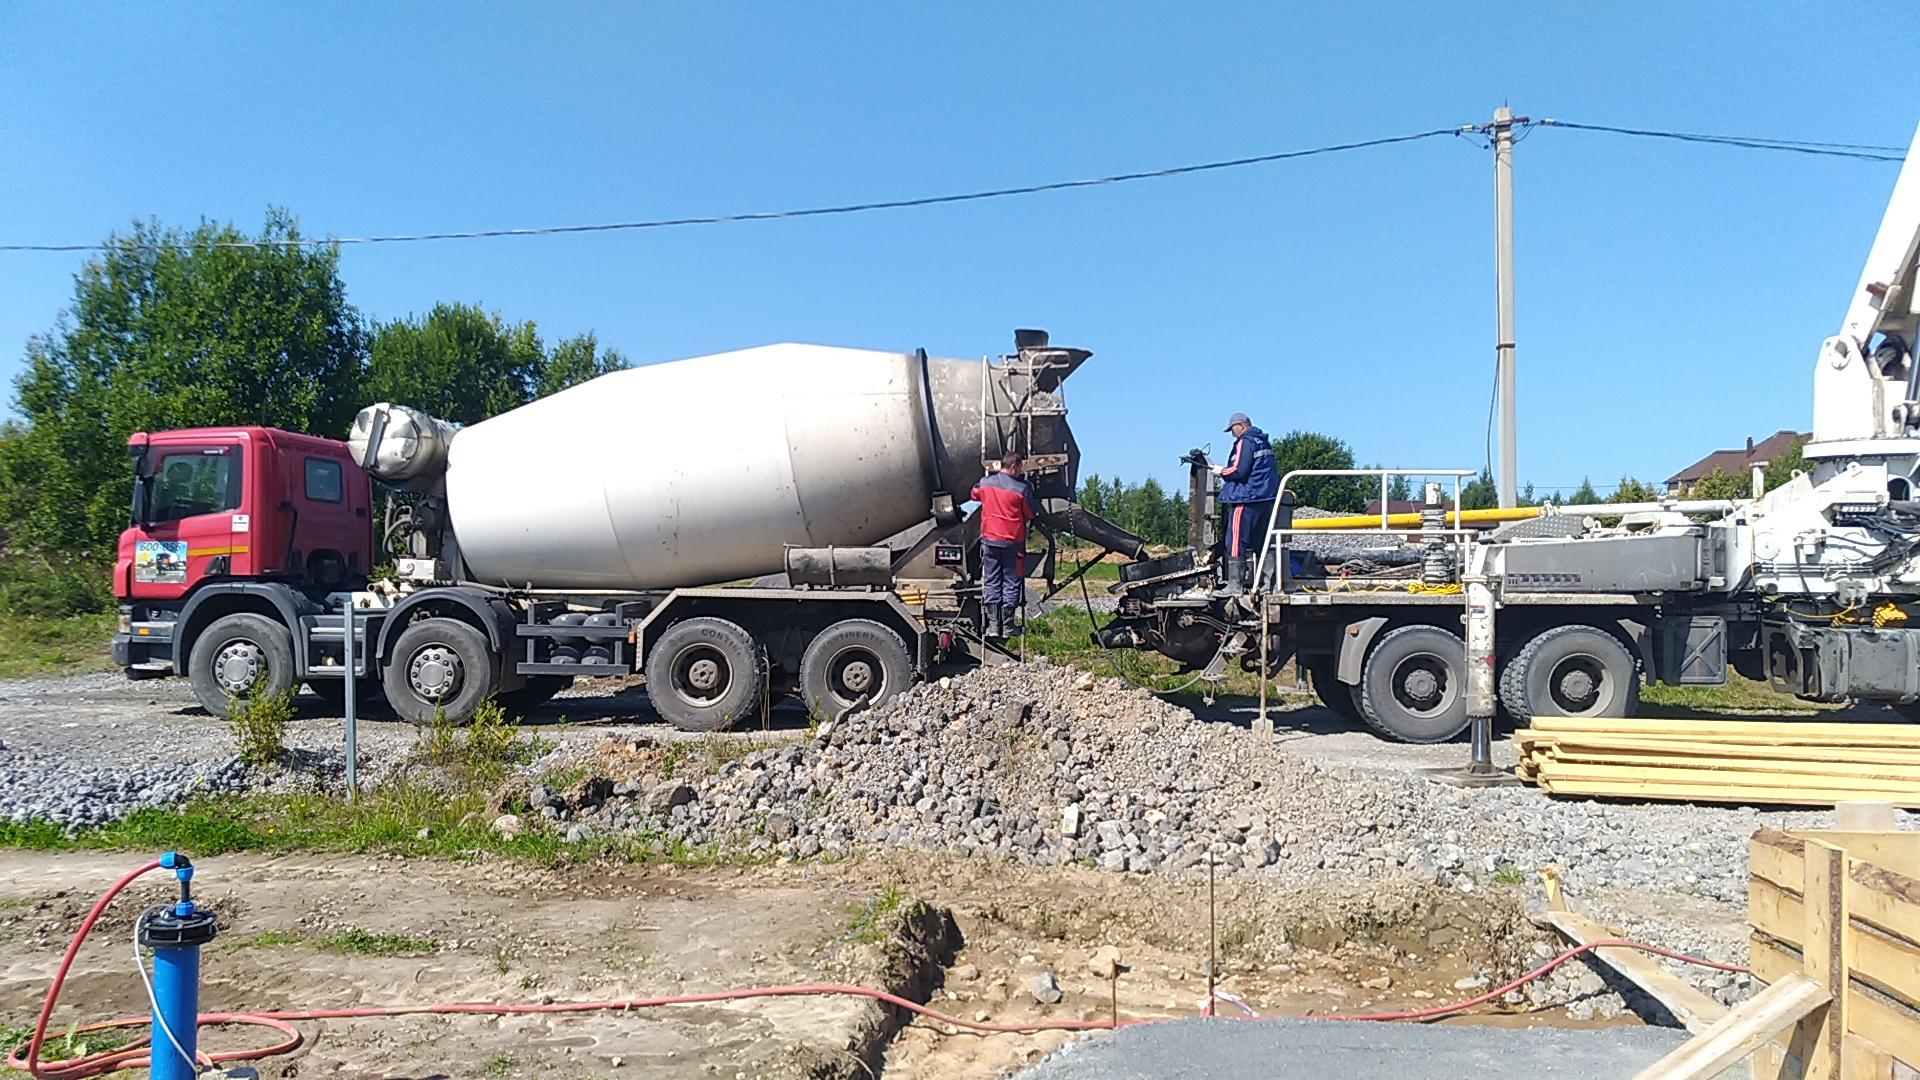 купить бетон в череповце с доставкой цена